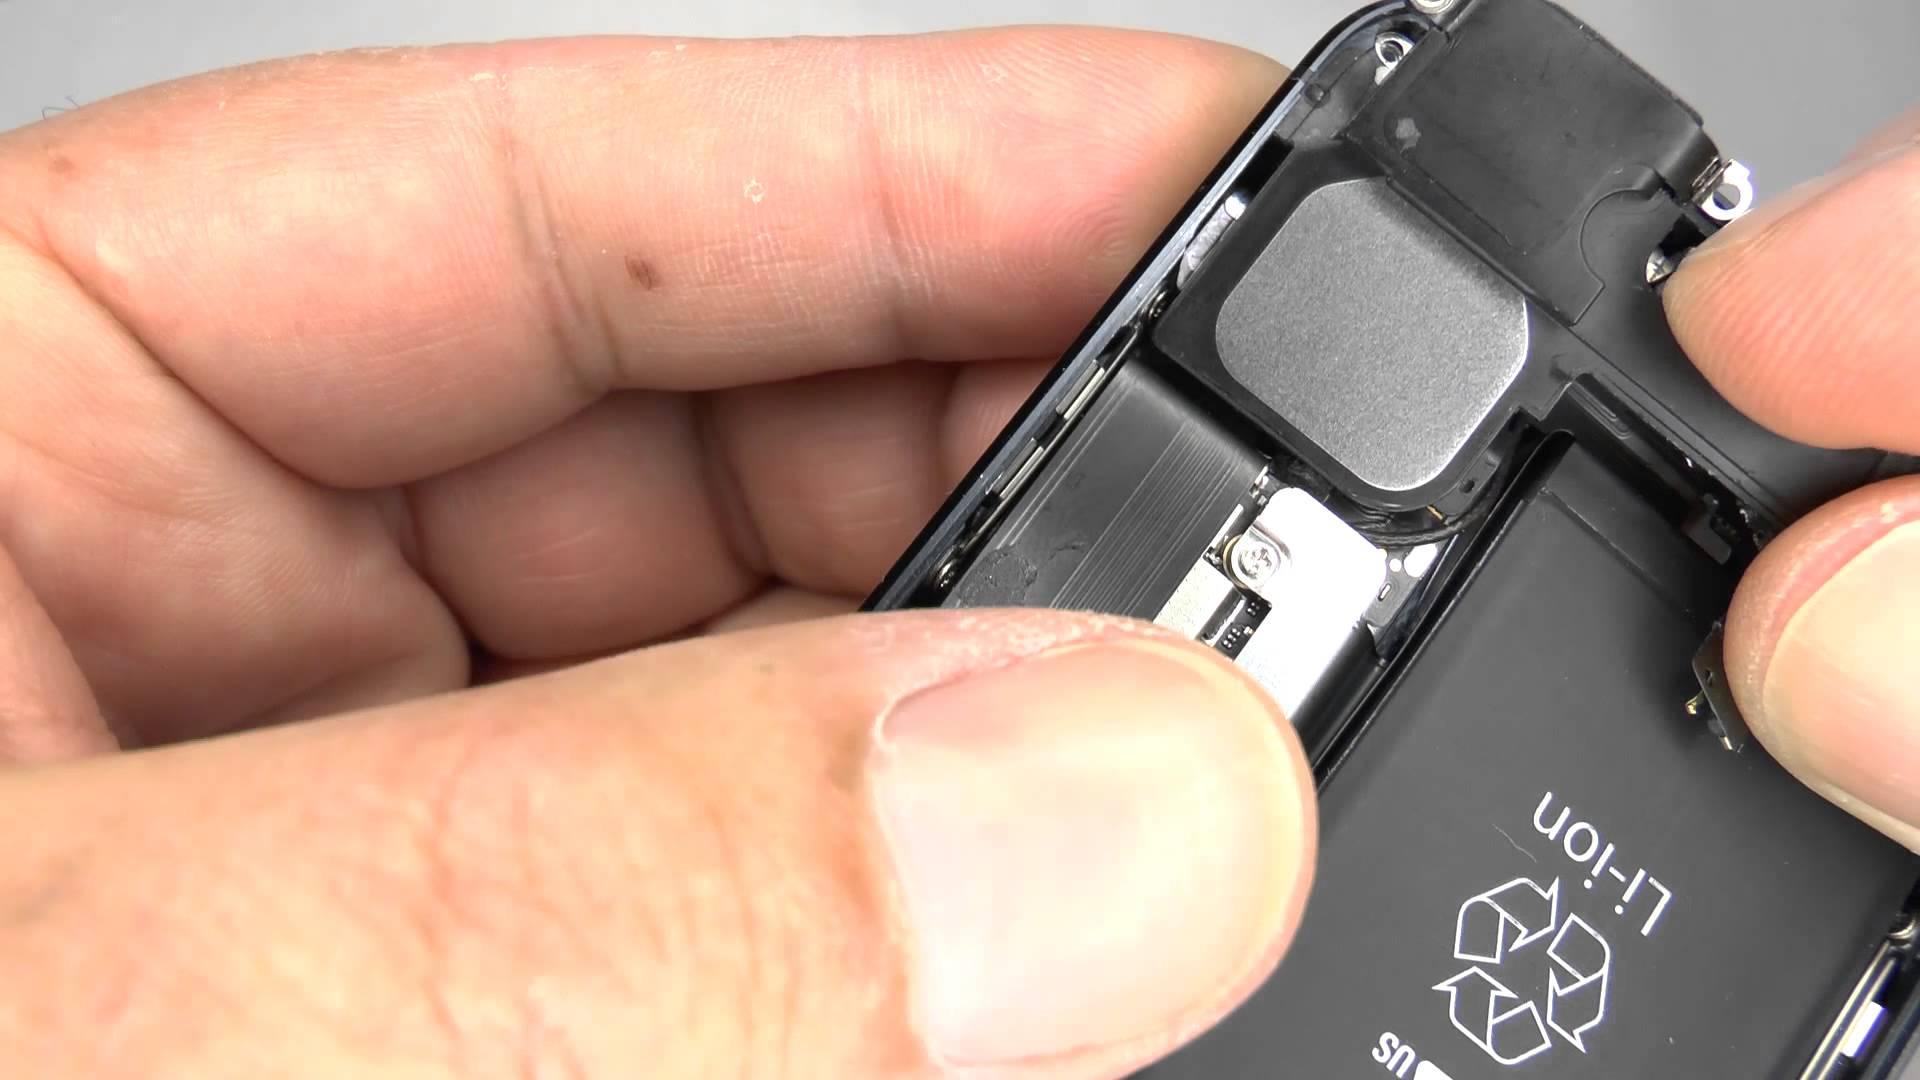 iPhone Hoparlörden Ses Gelmiyor Ne Yapmalıyım?